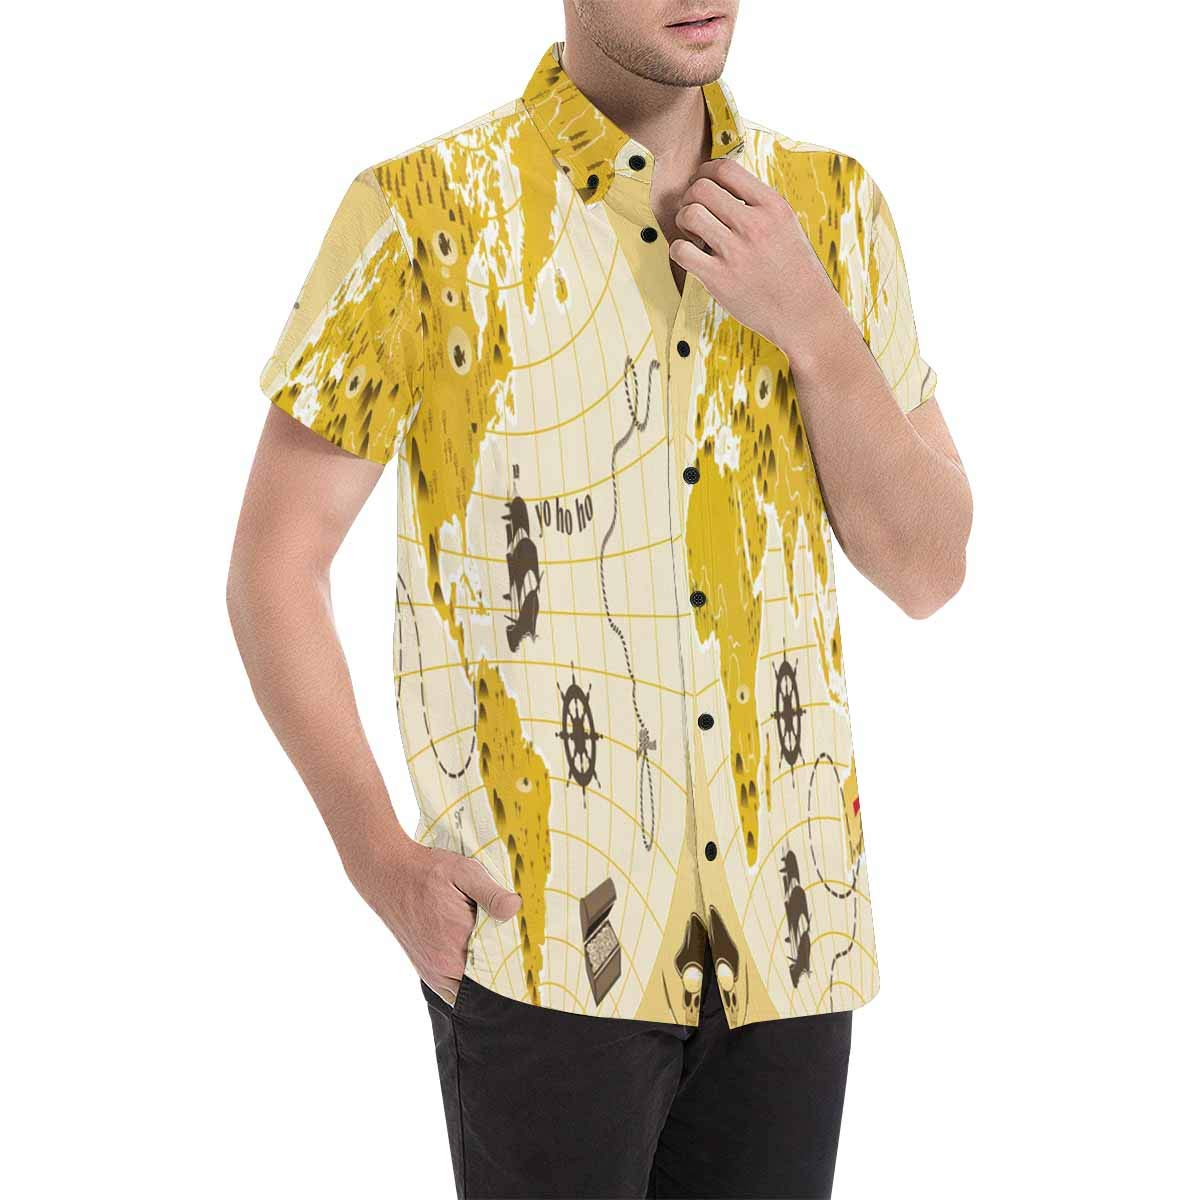 InterestPrint Men Regular Fit World Pirate Map Print Casual Button Down Short Sleeve Shirt S-5XL